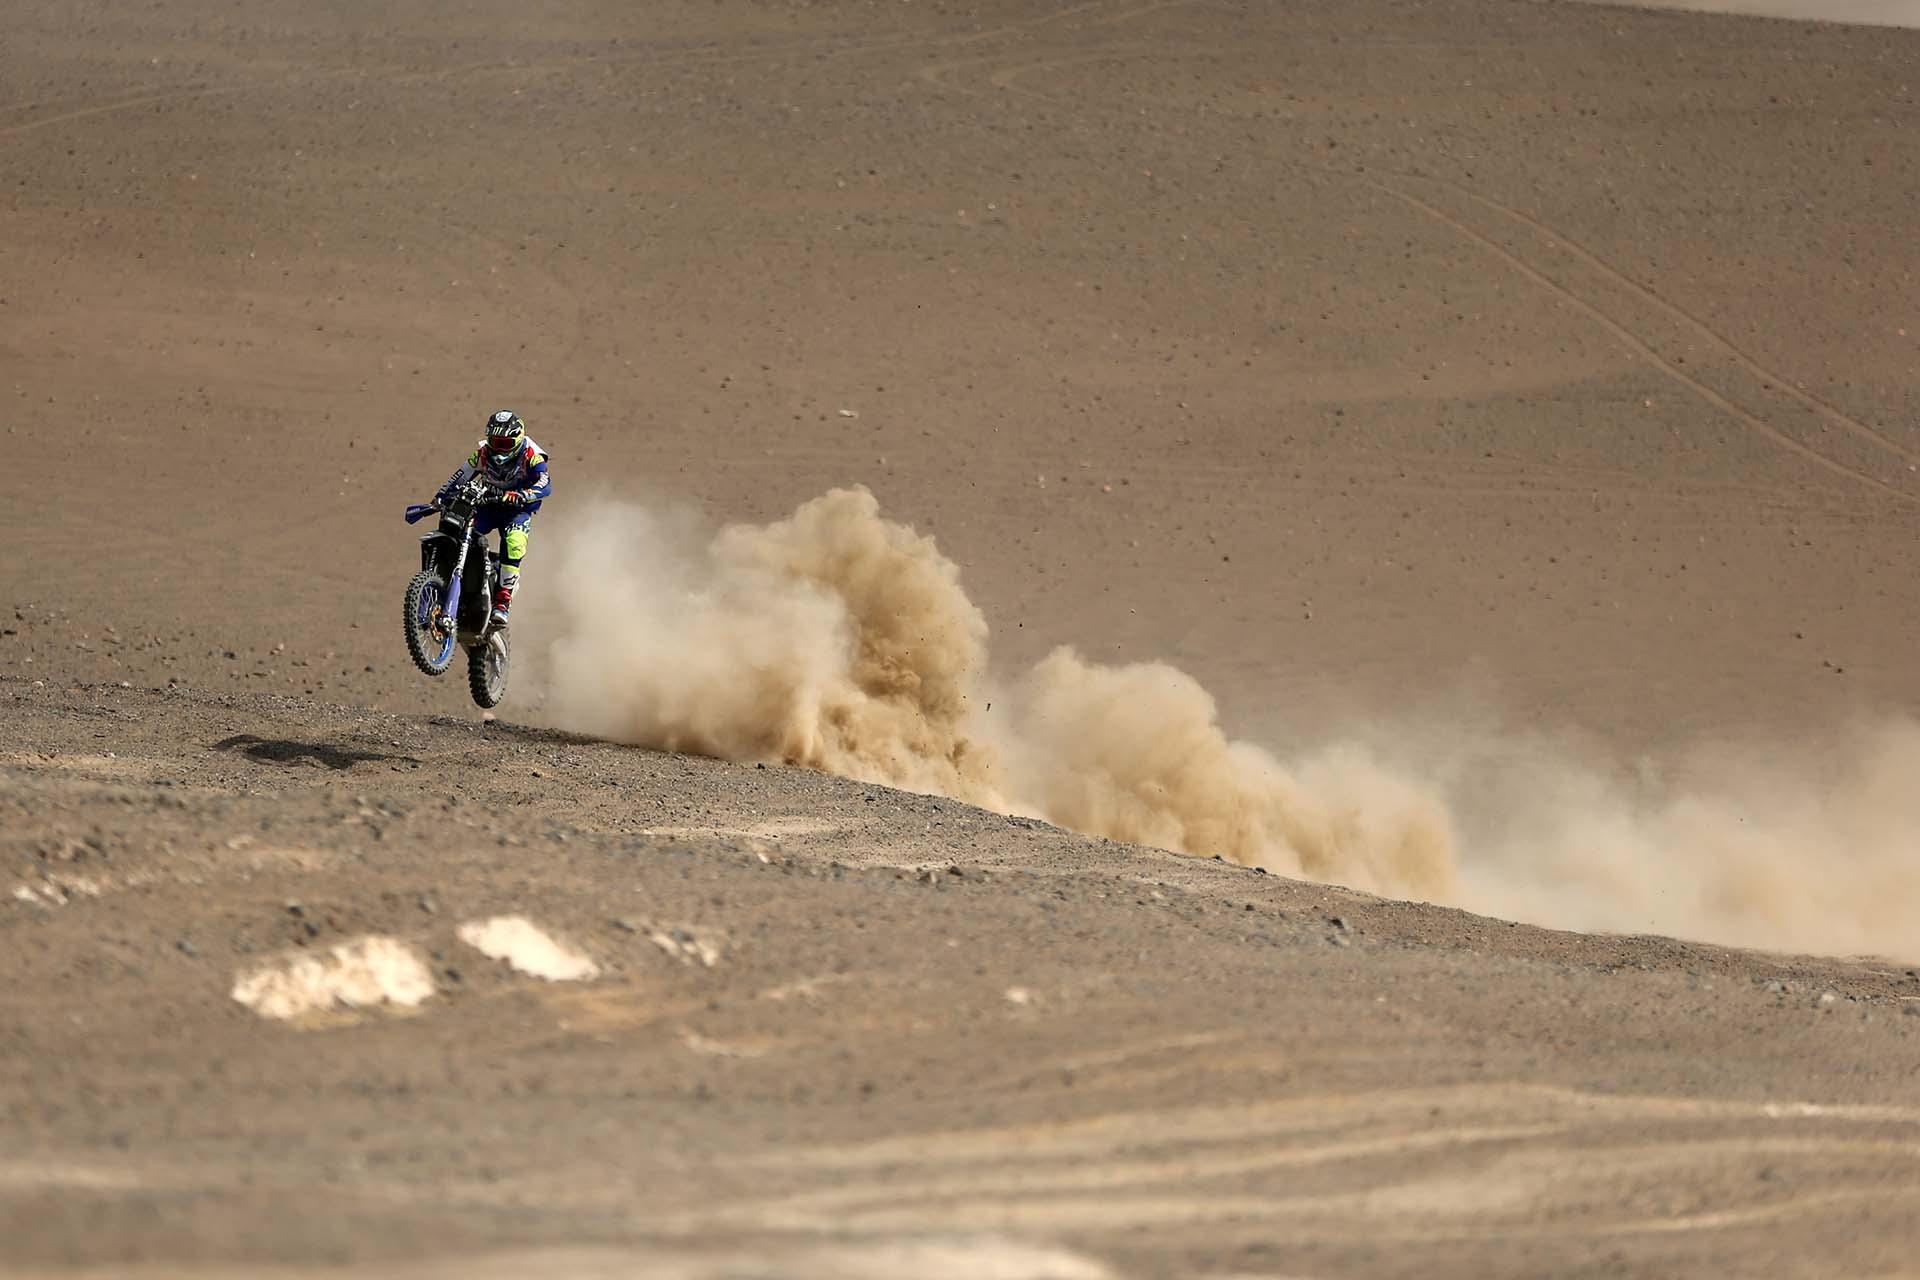 El piloto argentino Franco Caimi. El Dakar 2018 se despide este miércoles de las dunas con su quinta y última etapa sobre el desierto peruano y comienza a tomar altura al adentrarse en la cordillera andina, rumbo a Bolivia.